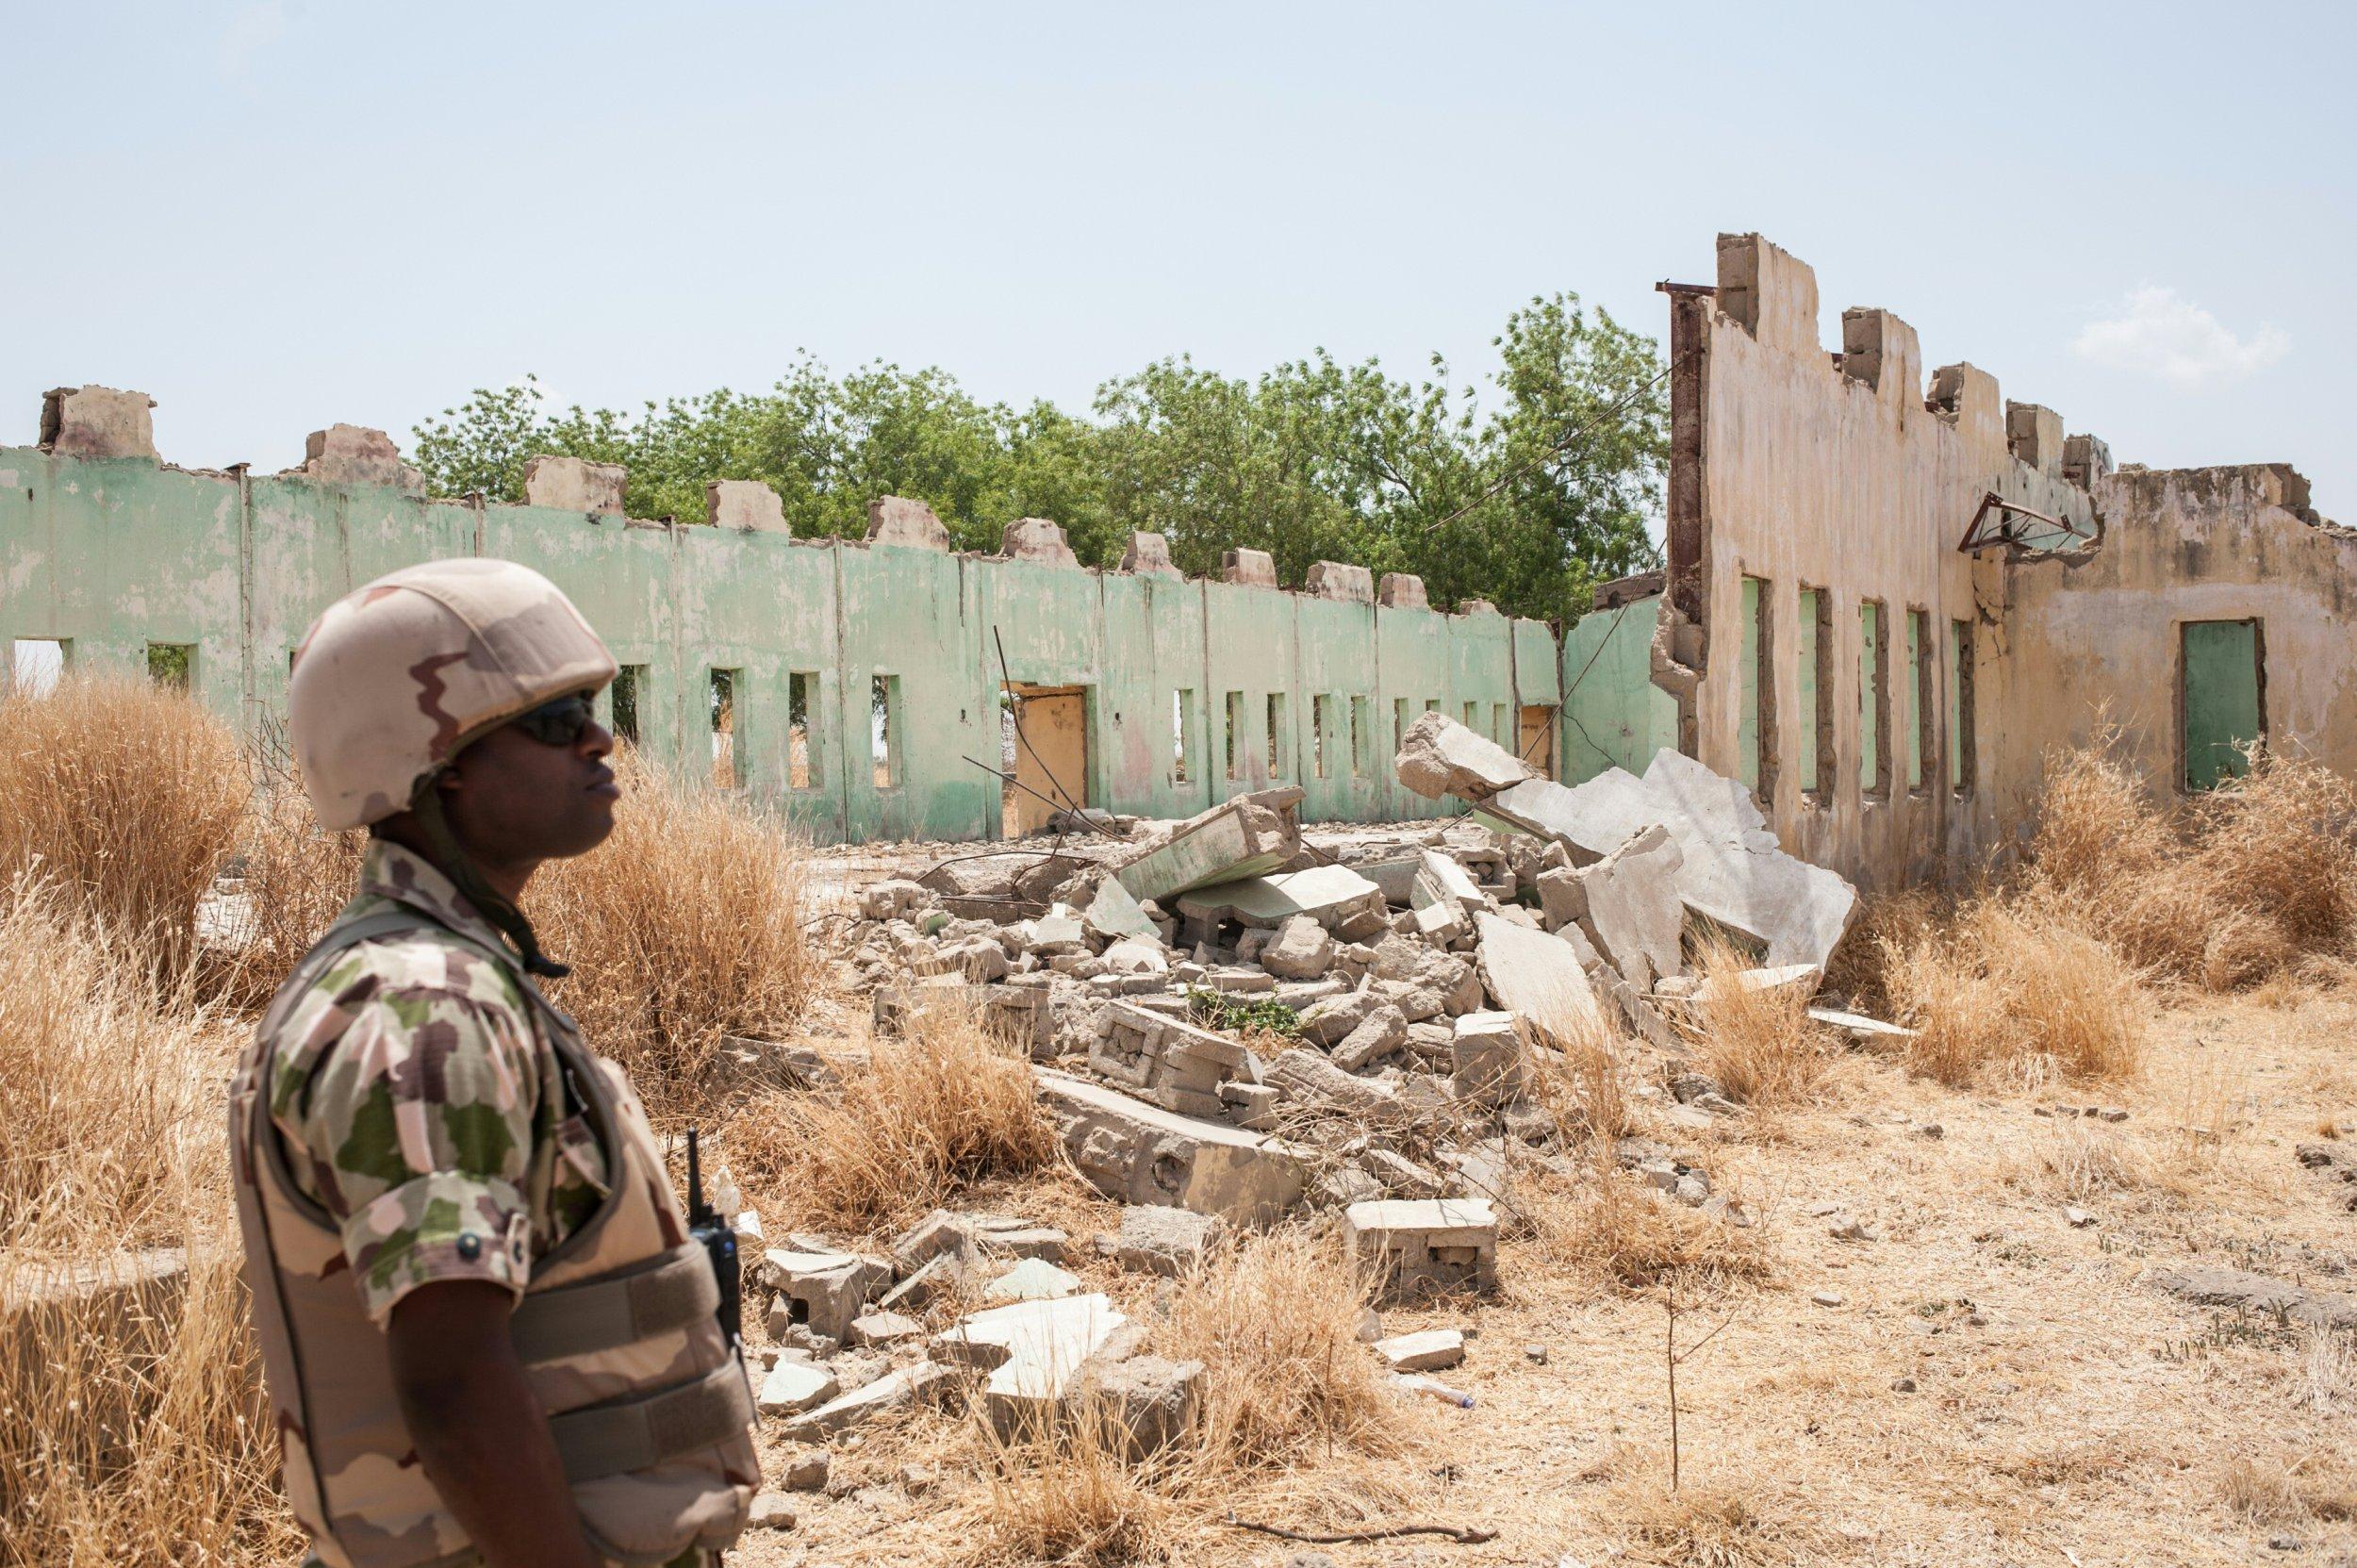 Nigerian soldier in Chibok